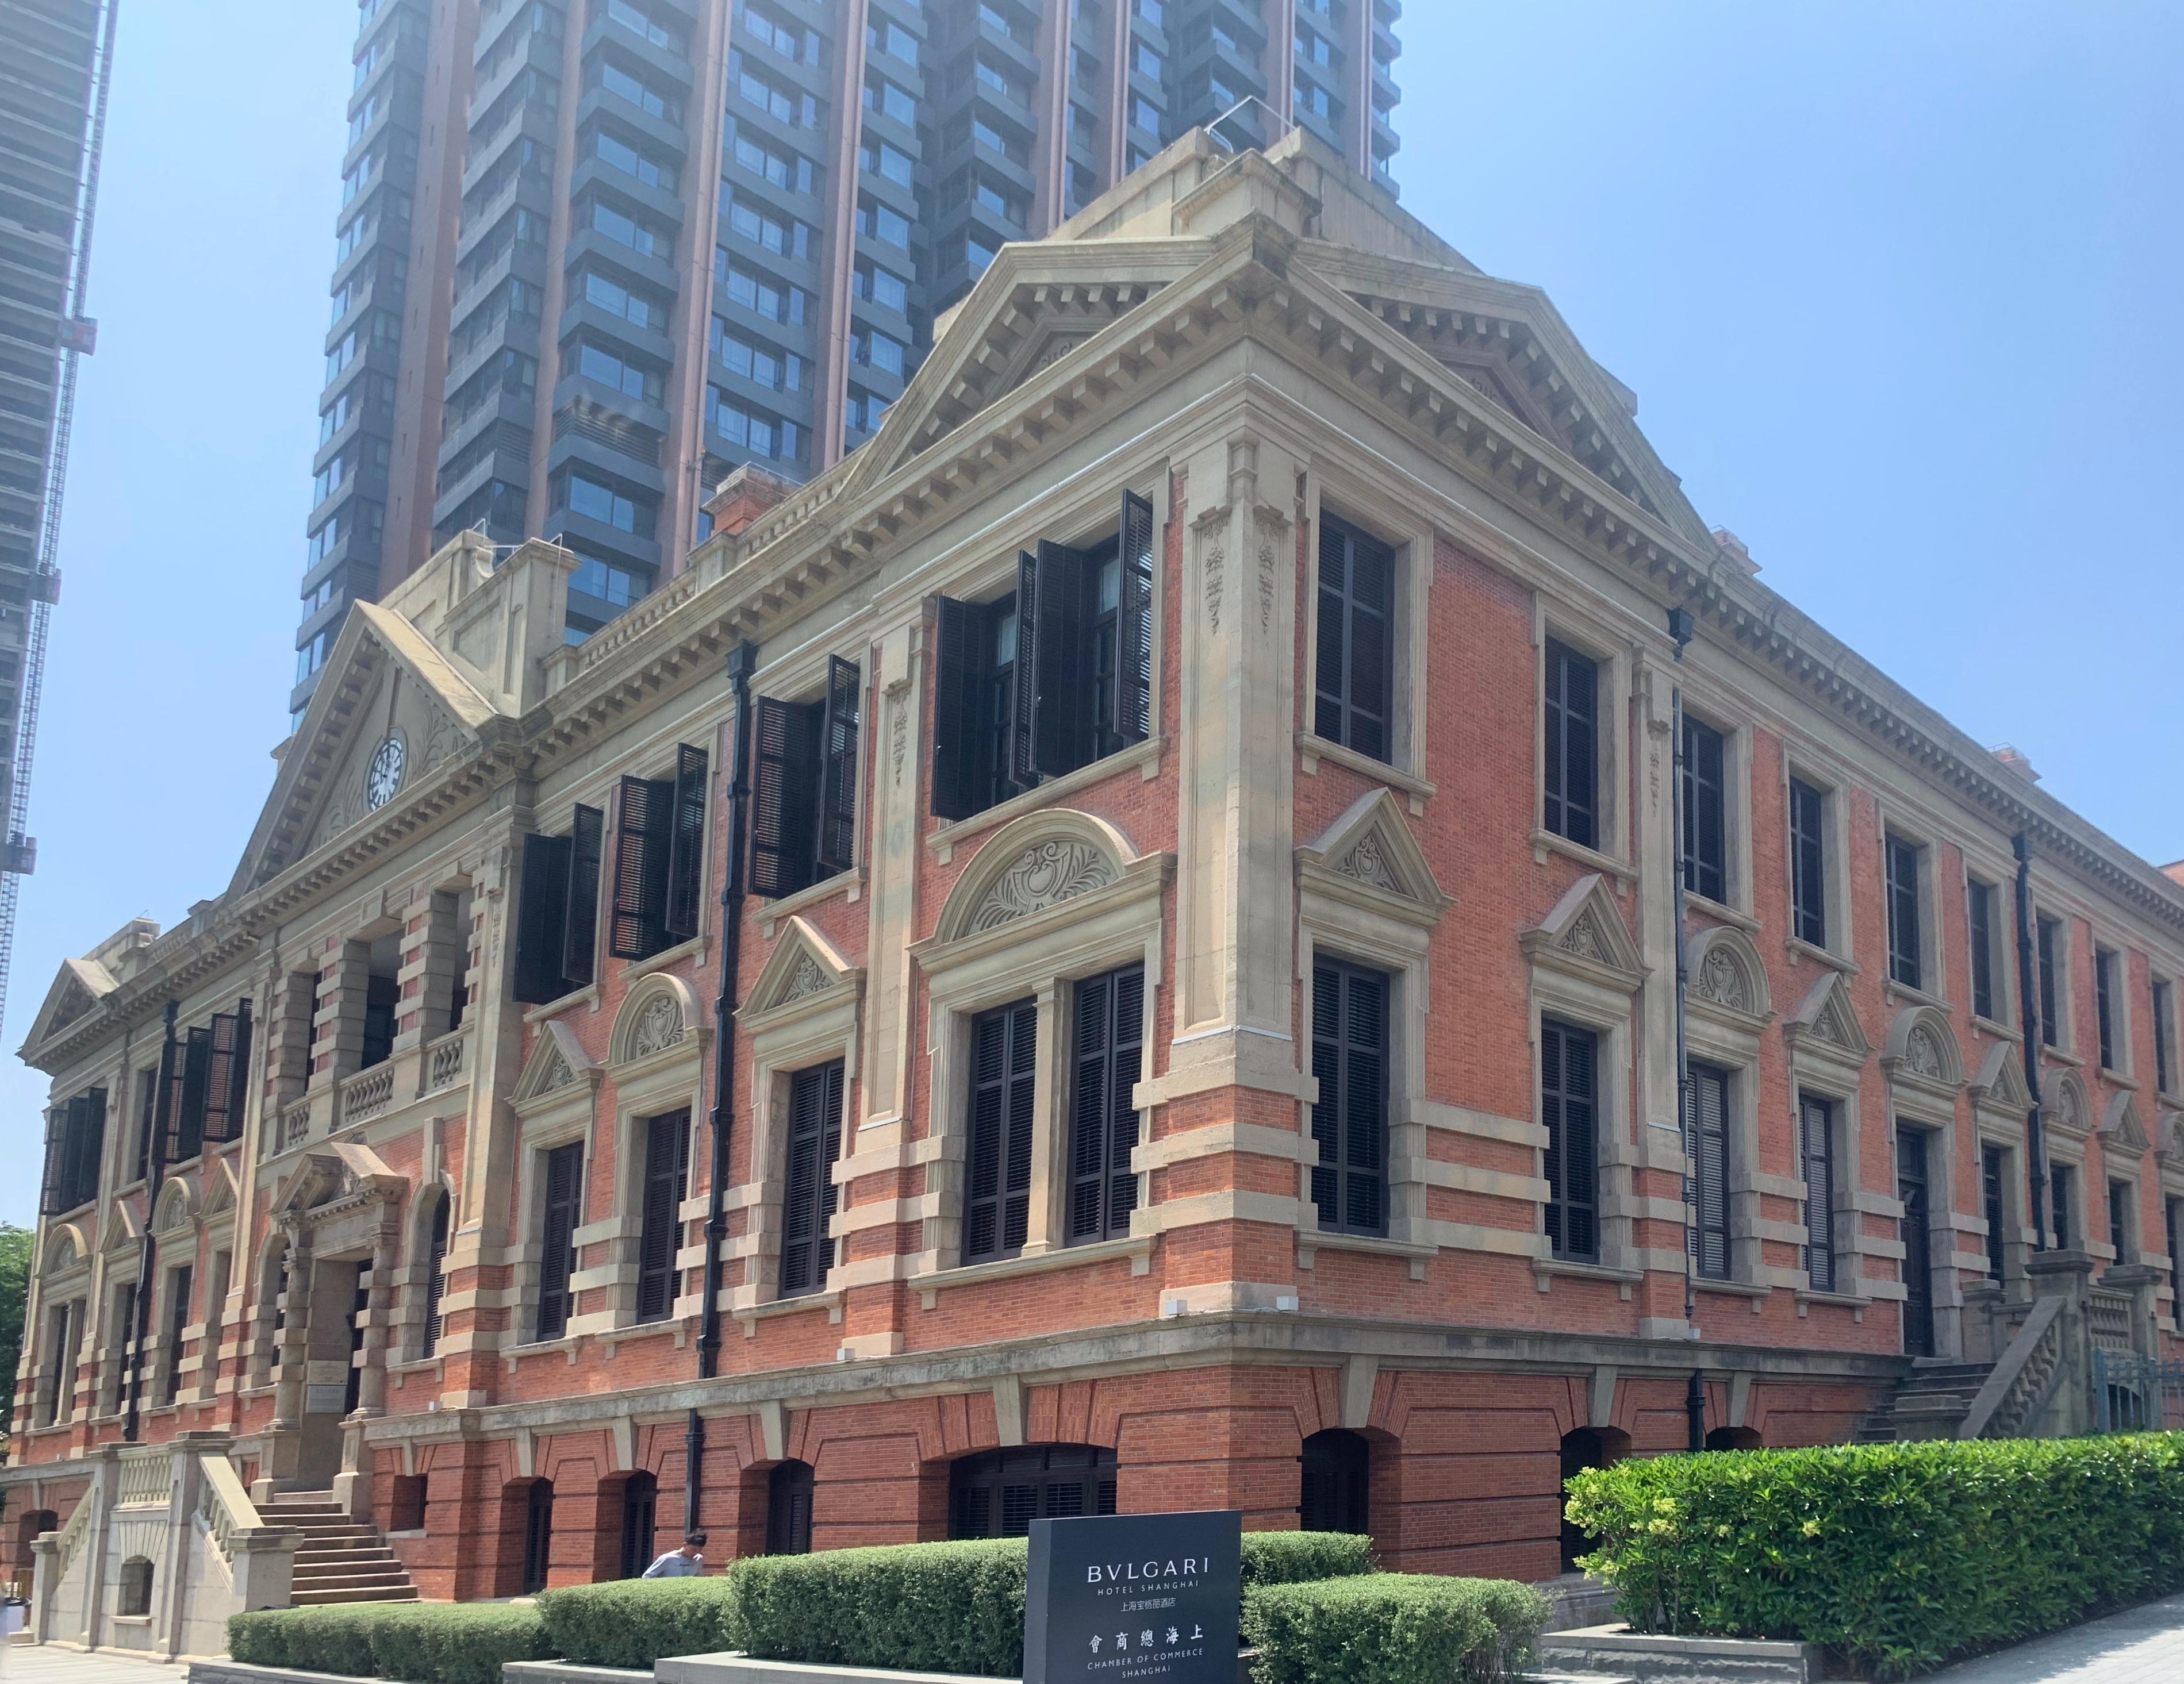 同角度拍摄的议事厅大楼。石梦洁 图